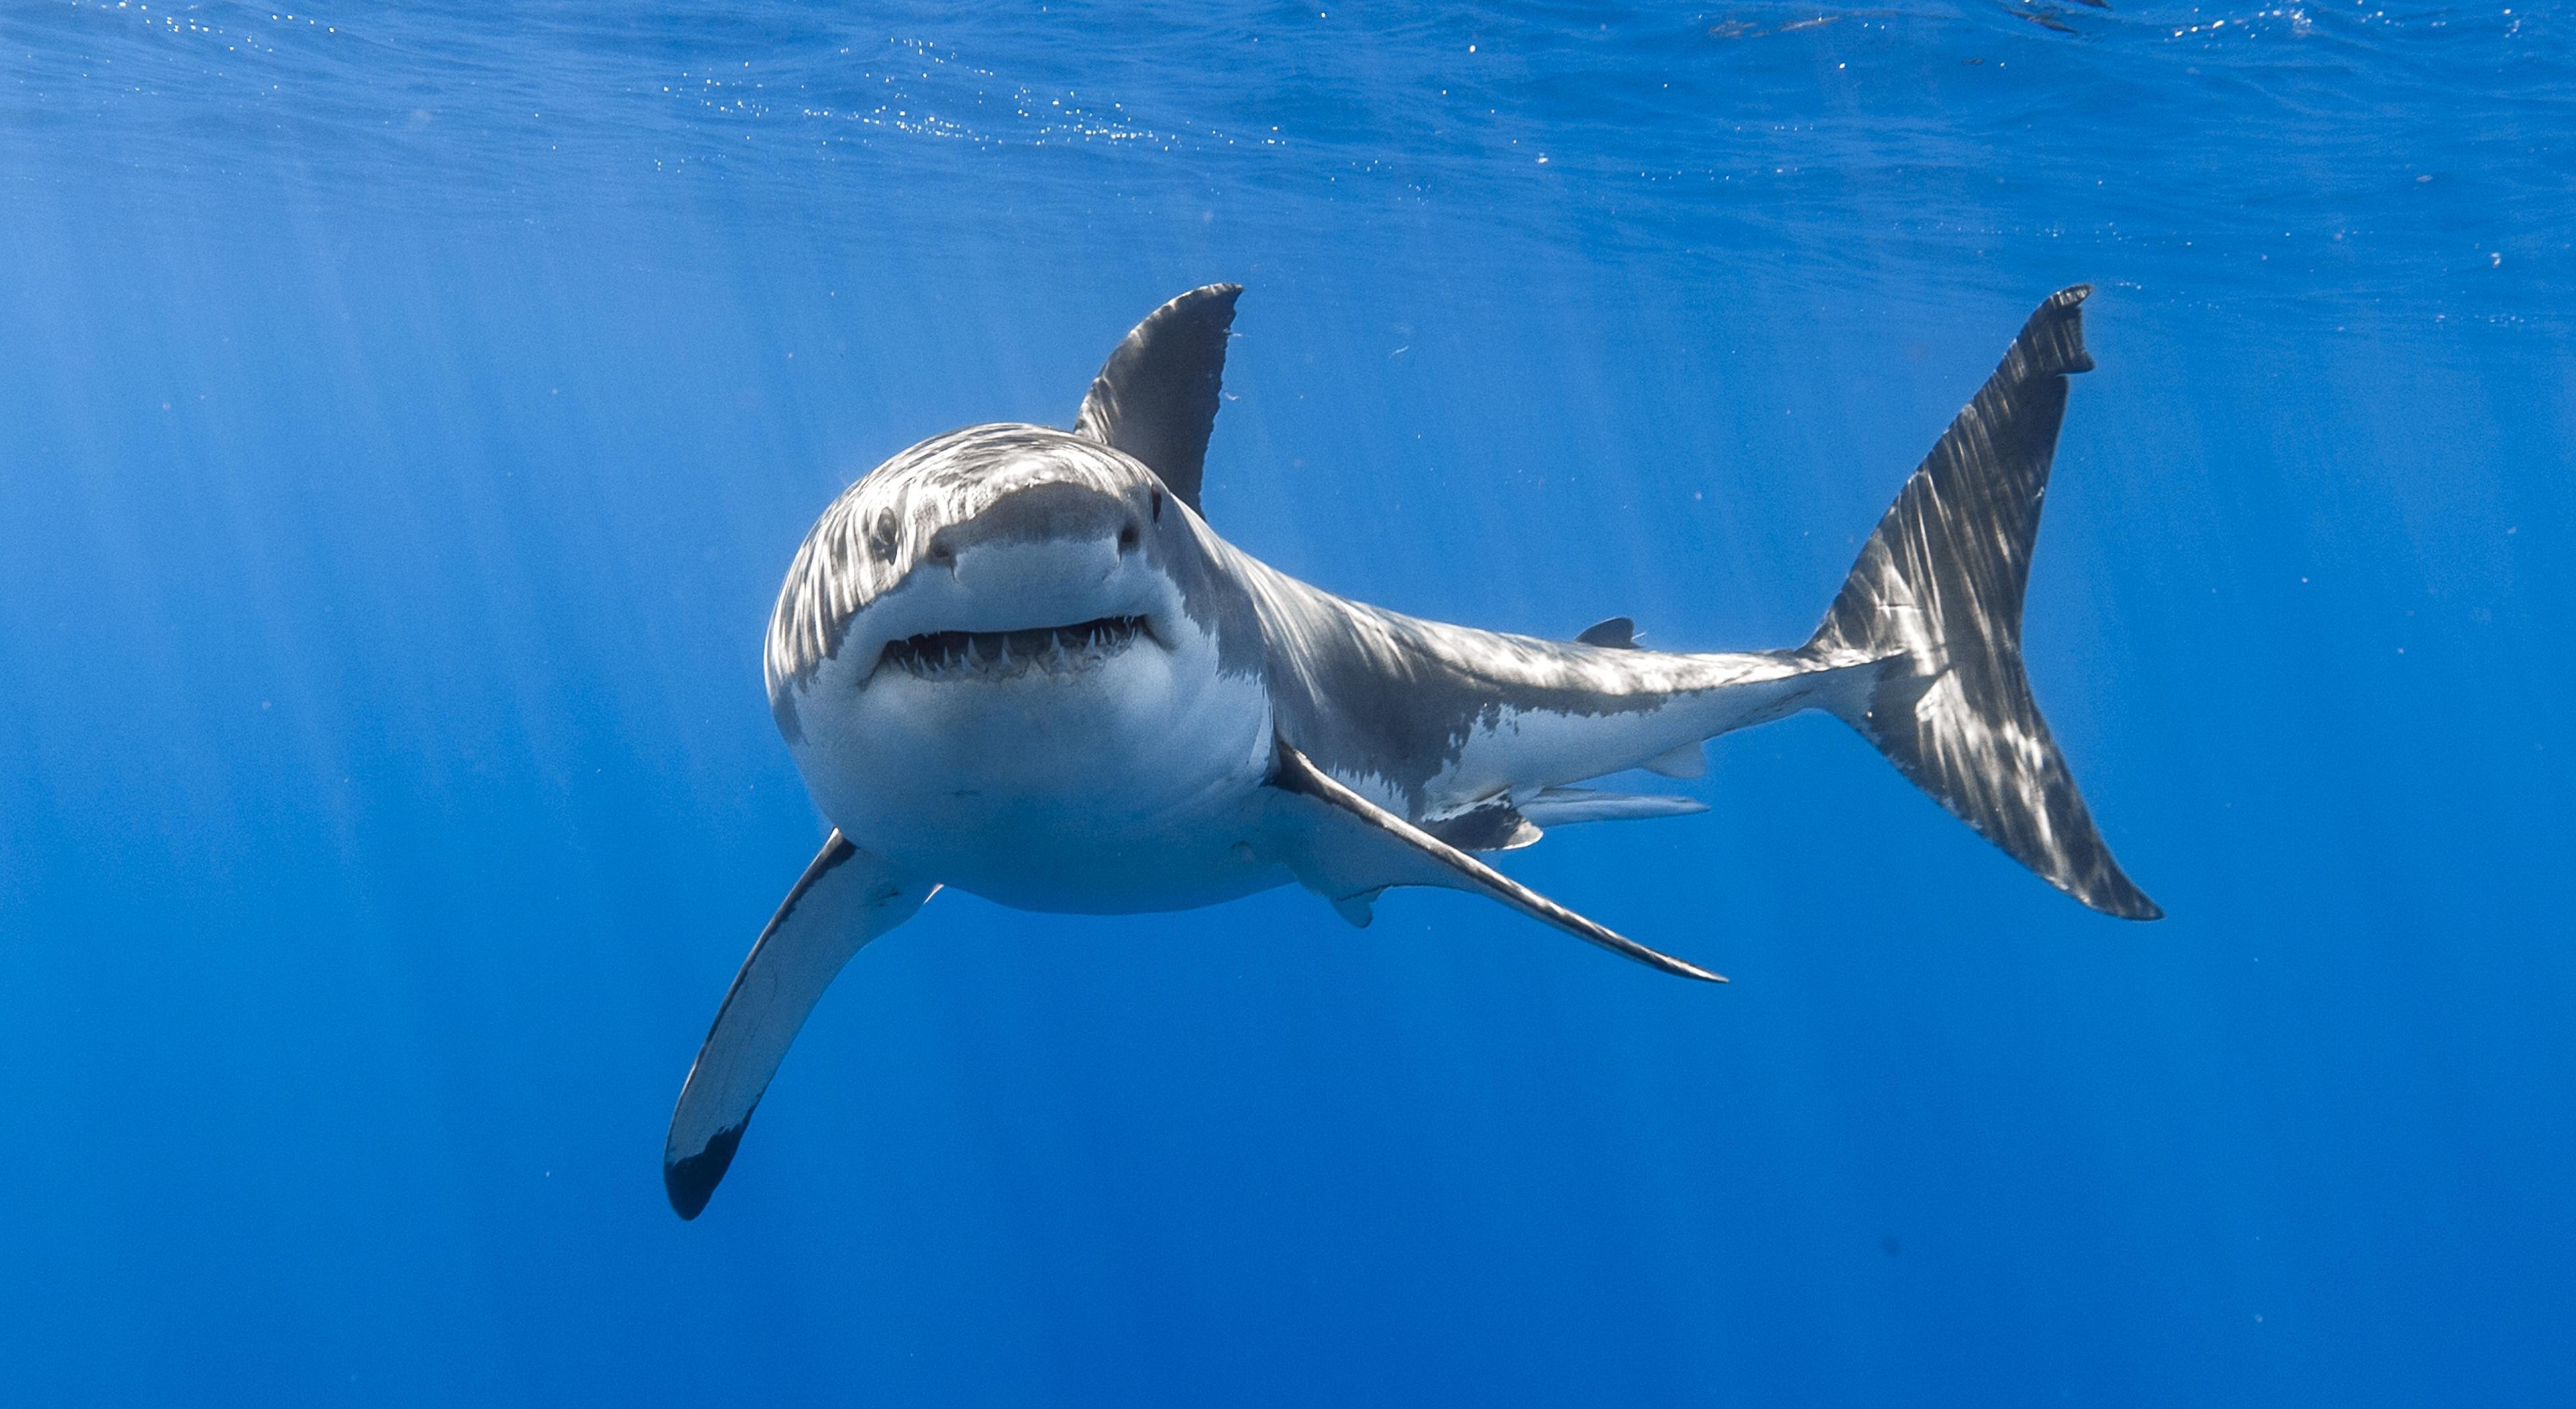 Генетики объяснили долгожительство белых акул